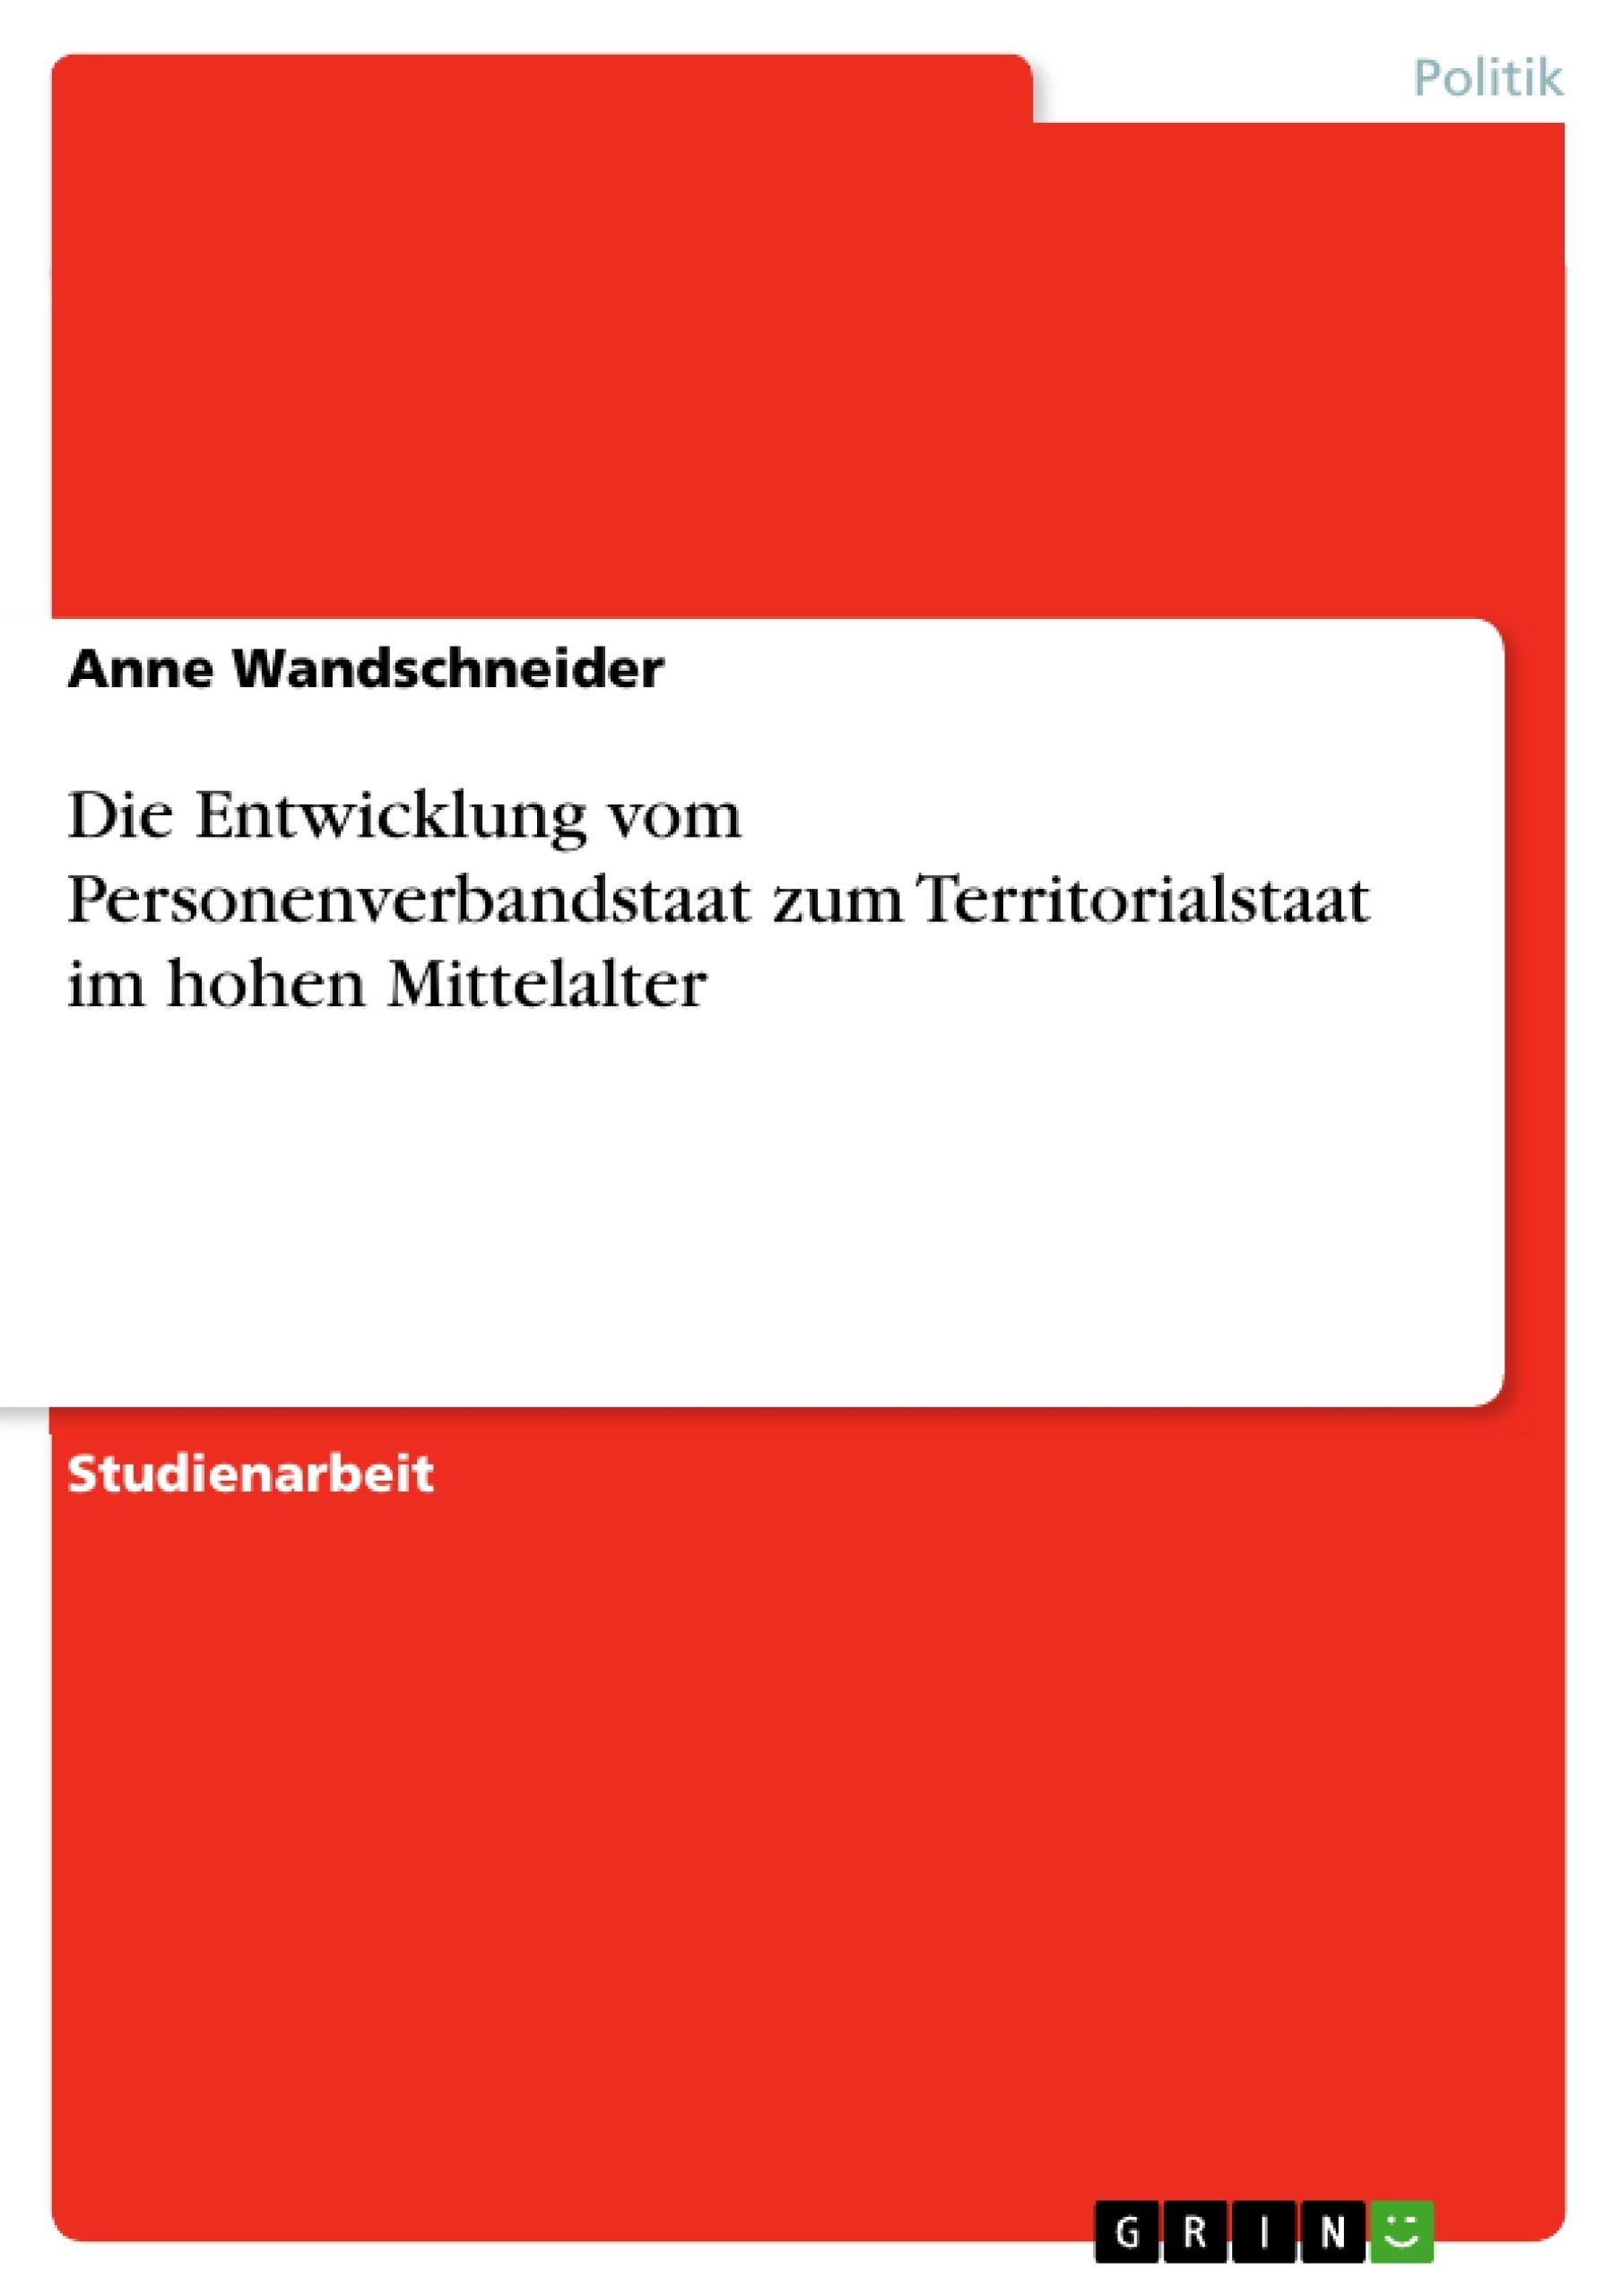 Titel: Die Entwicklung vom Personenverbandstaat zum Territorialstaat im hohen Mittelalter